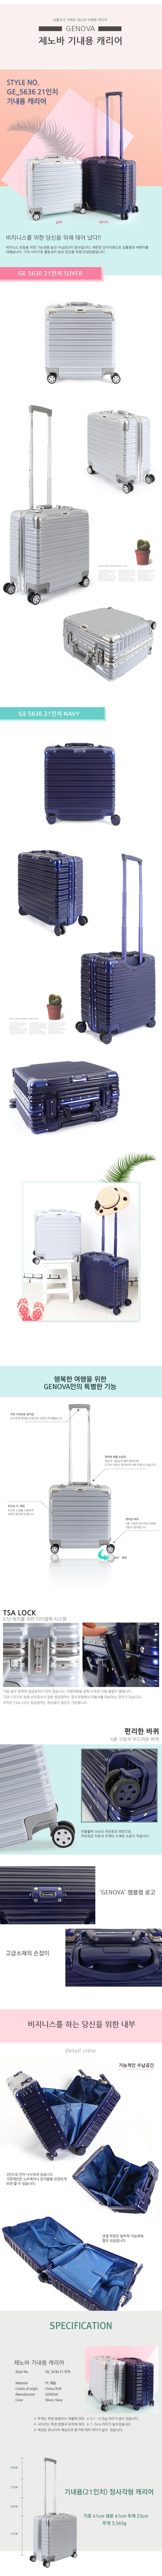 여행캐리어,캐리어가방,예쁜캐리어,튼튼한캐리어,여행용케리어,남자여행용가방,여행용캐리어,케리어가방,여행가방캐리어,캐리어브랜드